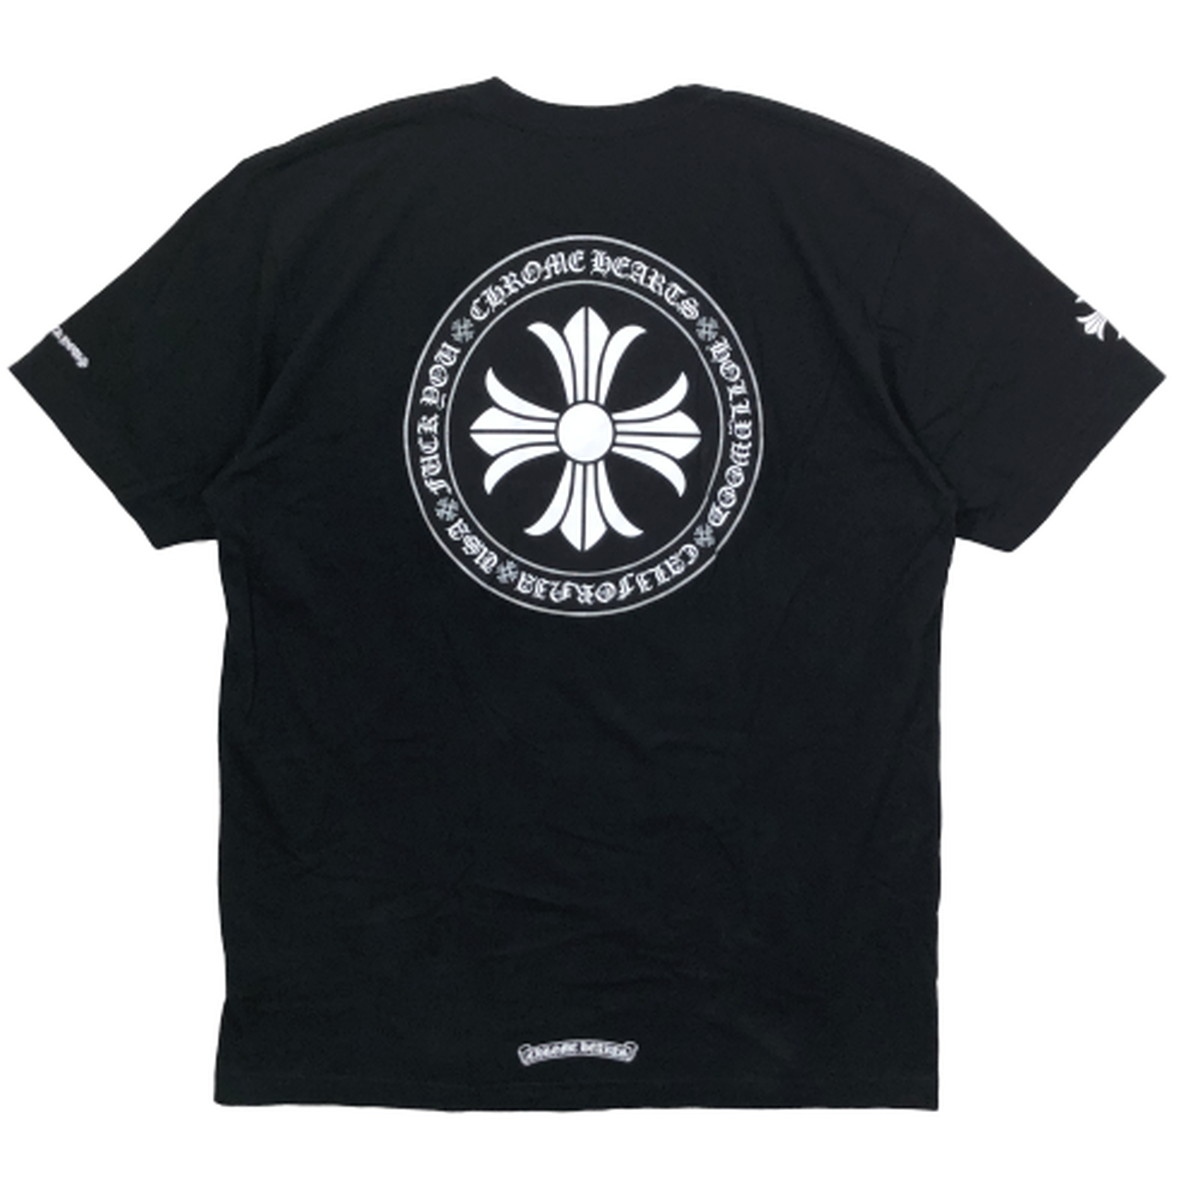 【中古】クロムハーツ CHROME HEARTS ポケット Tシャツ CHプラス バックプリント 半袖 XL 国内正規 JPタグ 黒 ブラック BLACK メンズ レディース